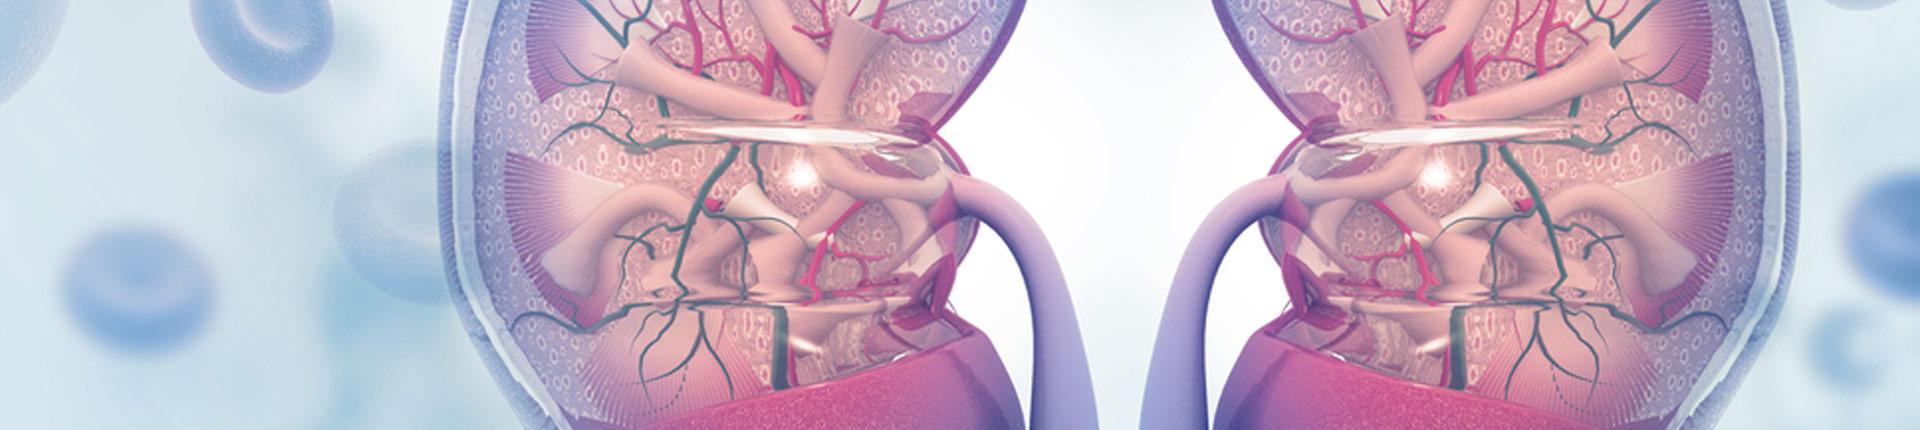 Jak dieta ketogeniczna wpływa na nerki?